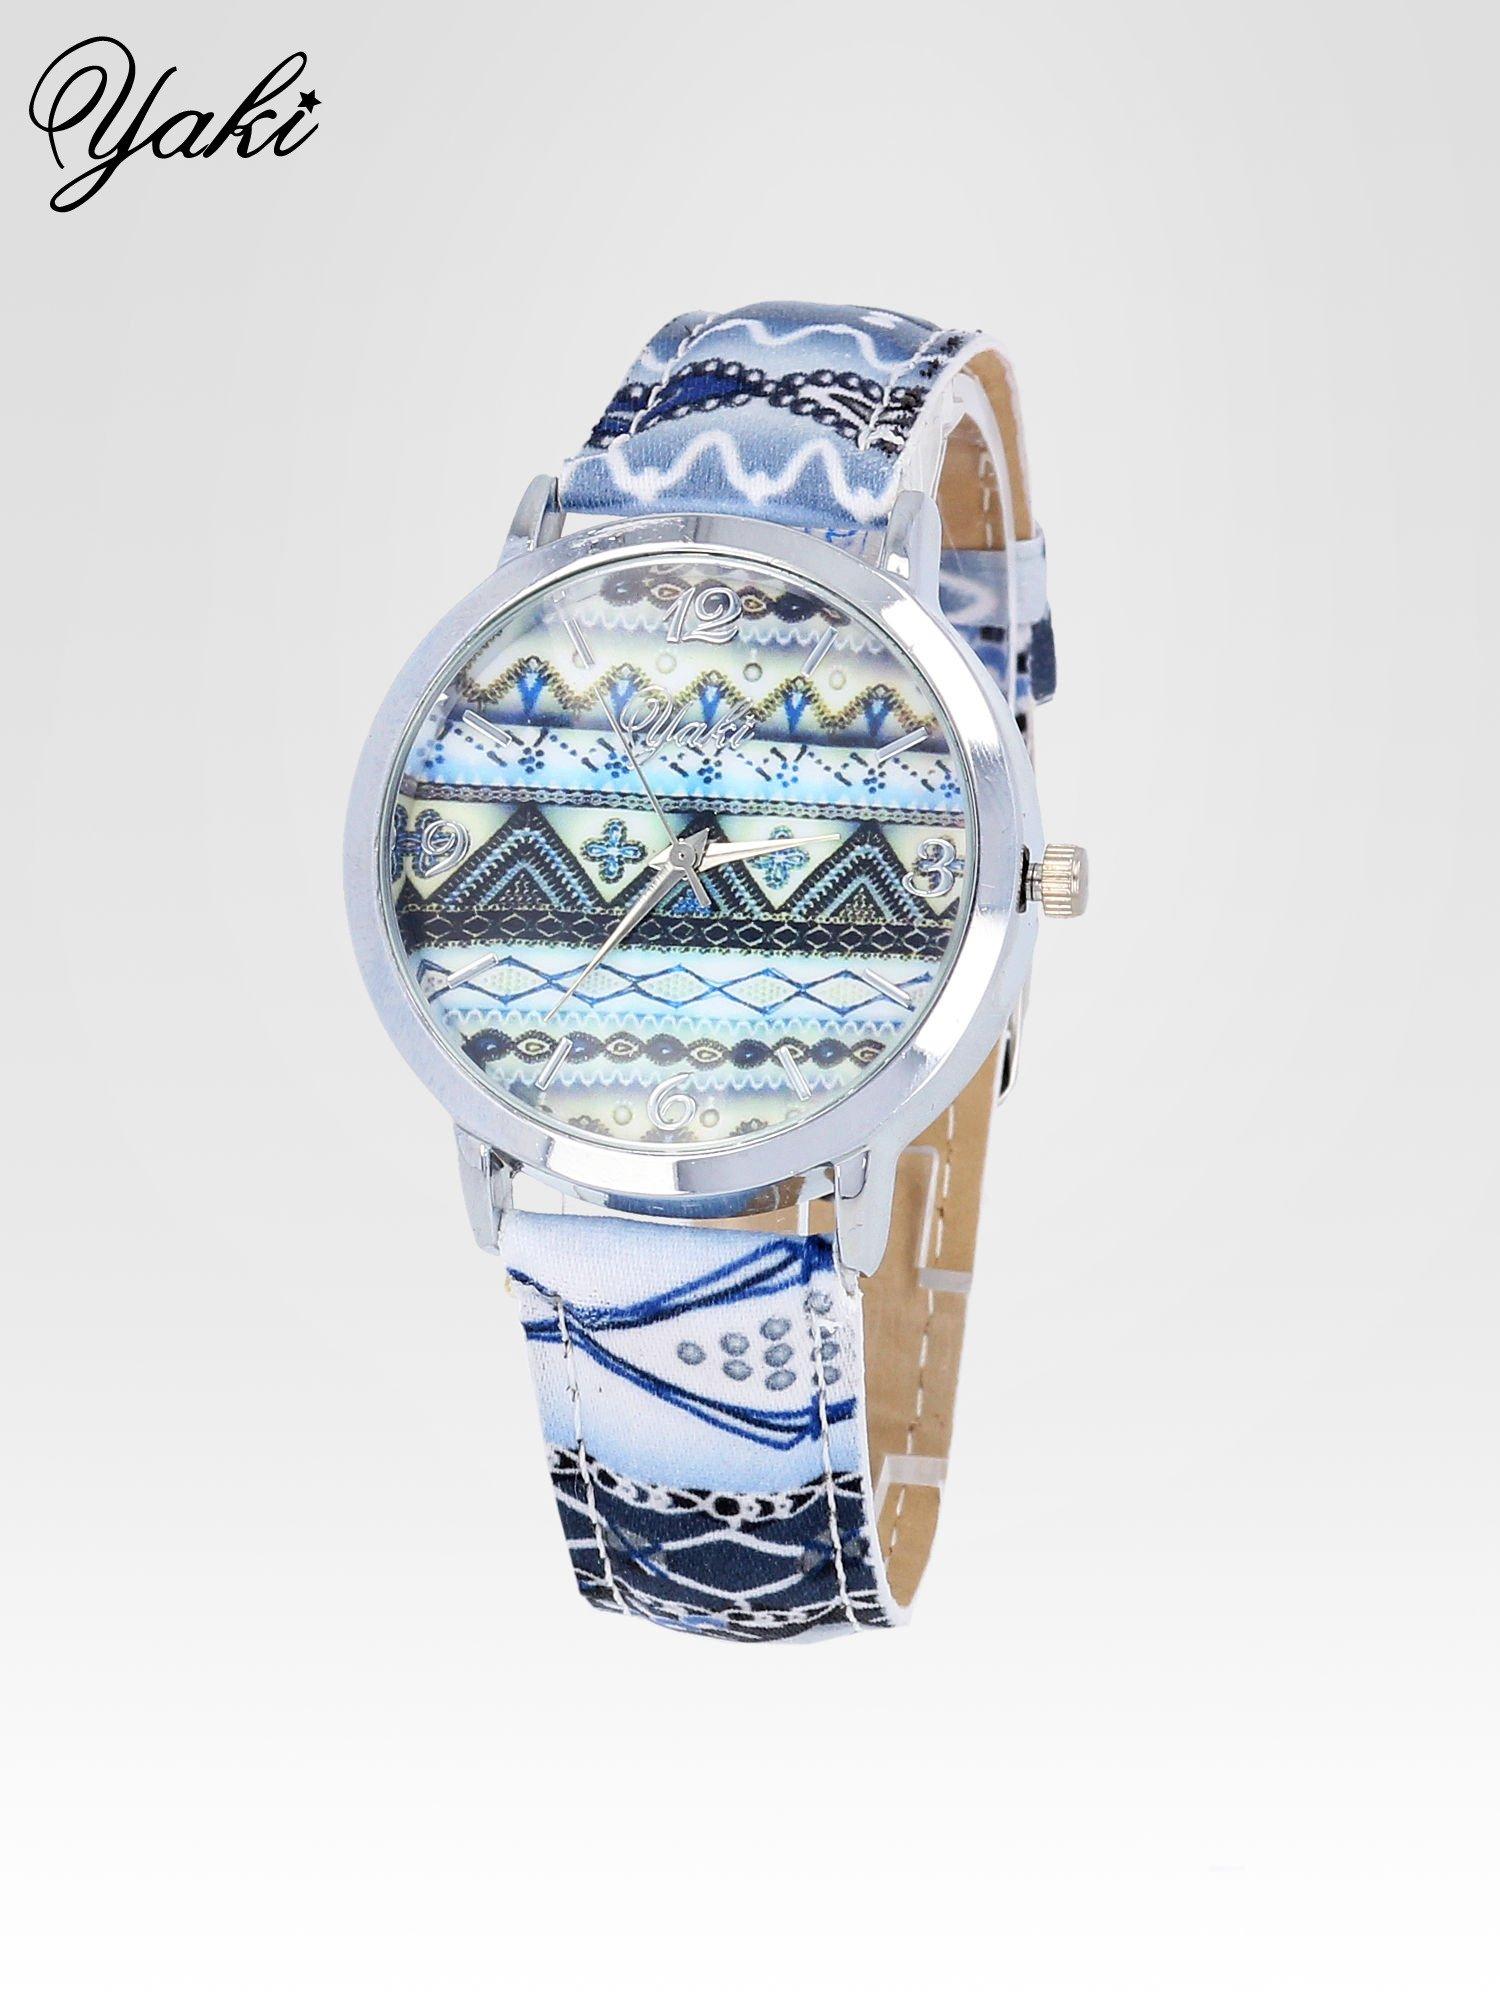 Niebieski zegarek damski z motywem azteckim                                  zdj.                                  2